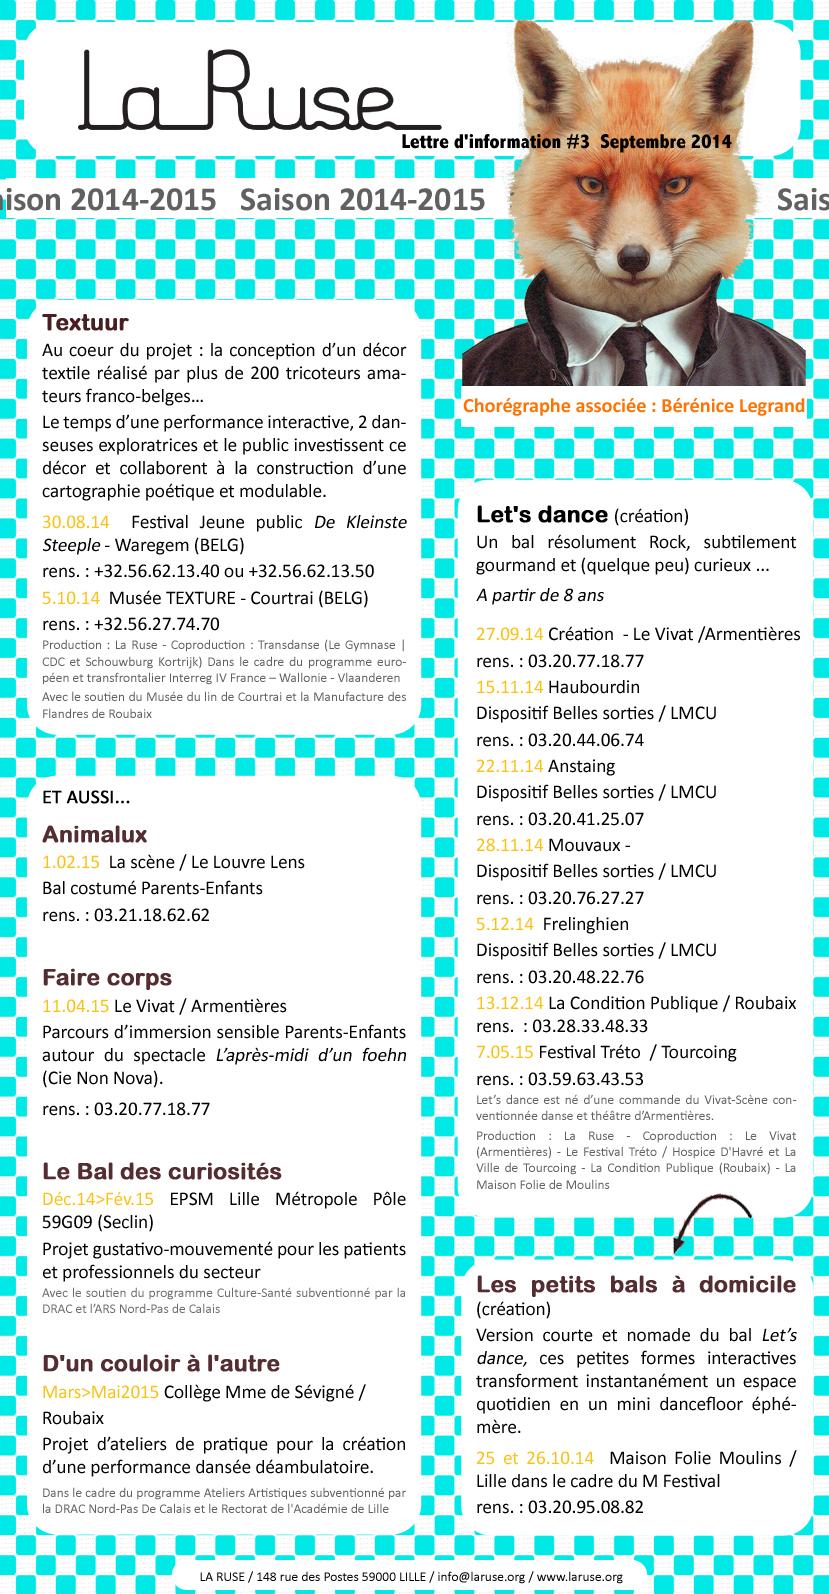 La Ruse - Lettre d'info#3